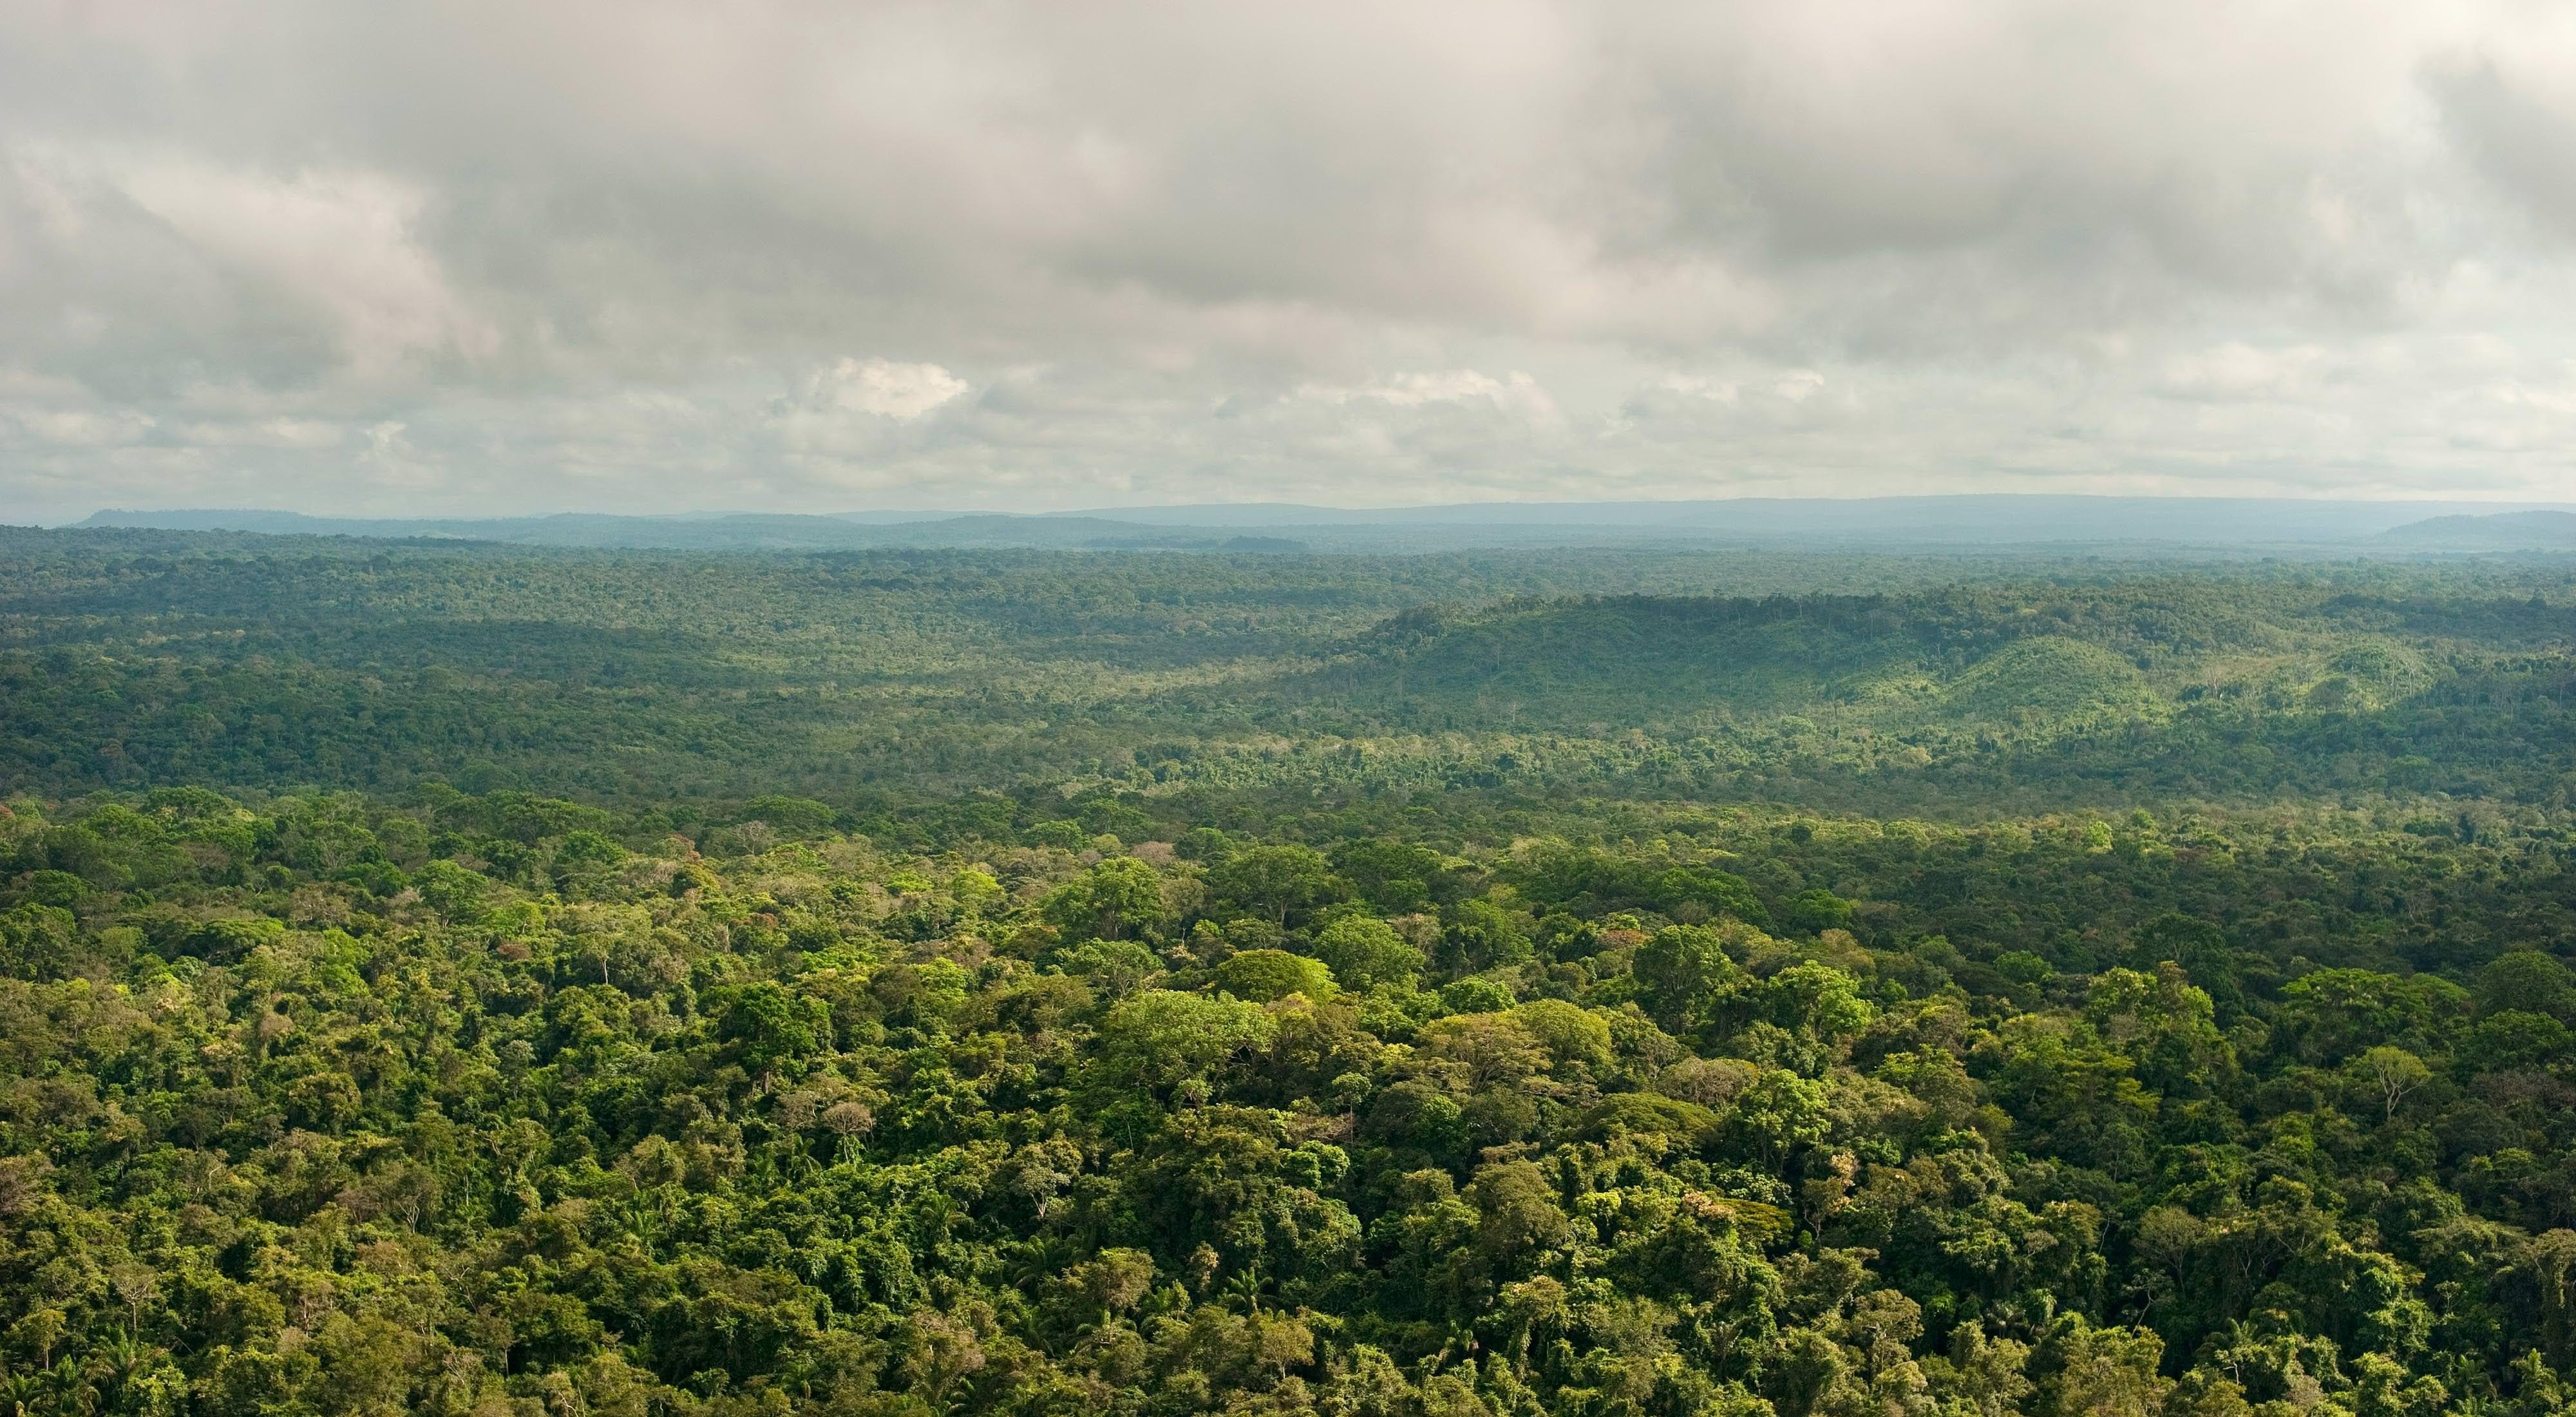 Vista aérea de uma região de floresta preservada em São Félix do Xingu-PA.